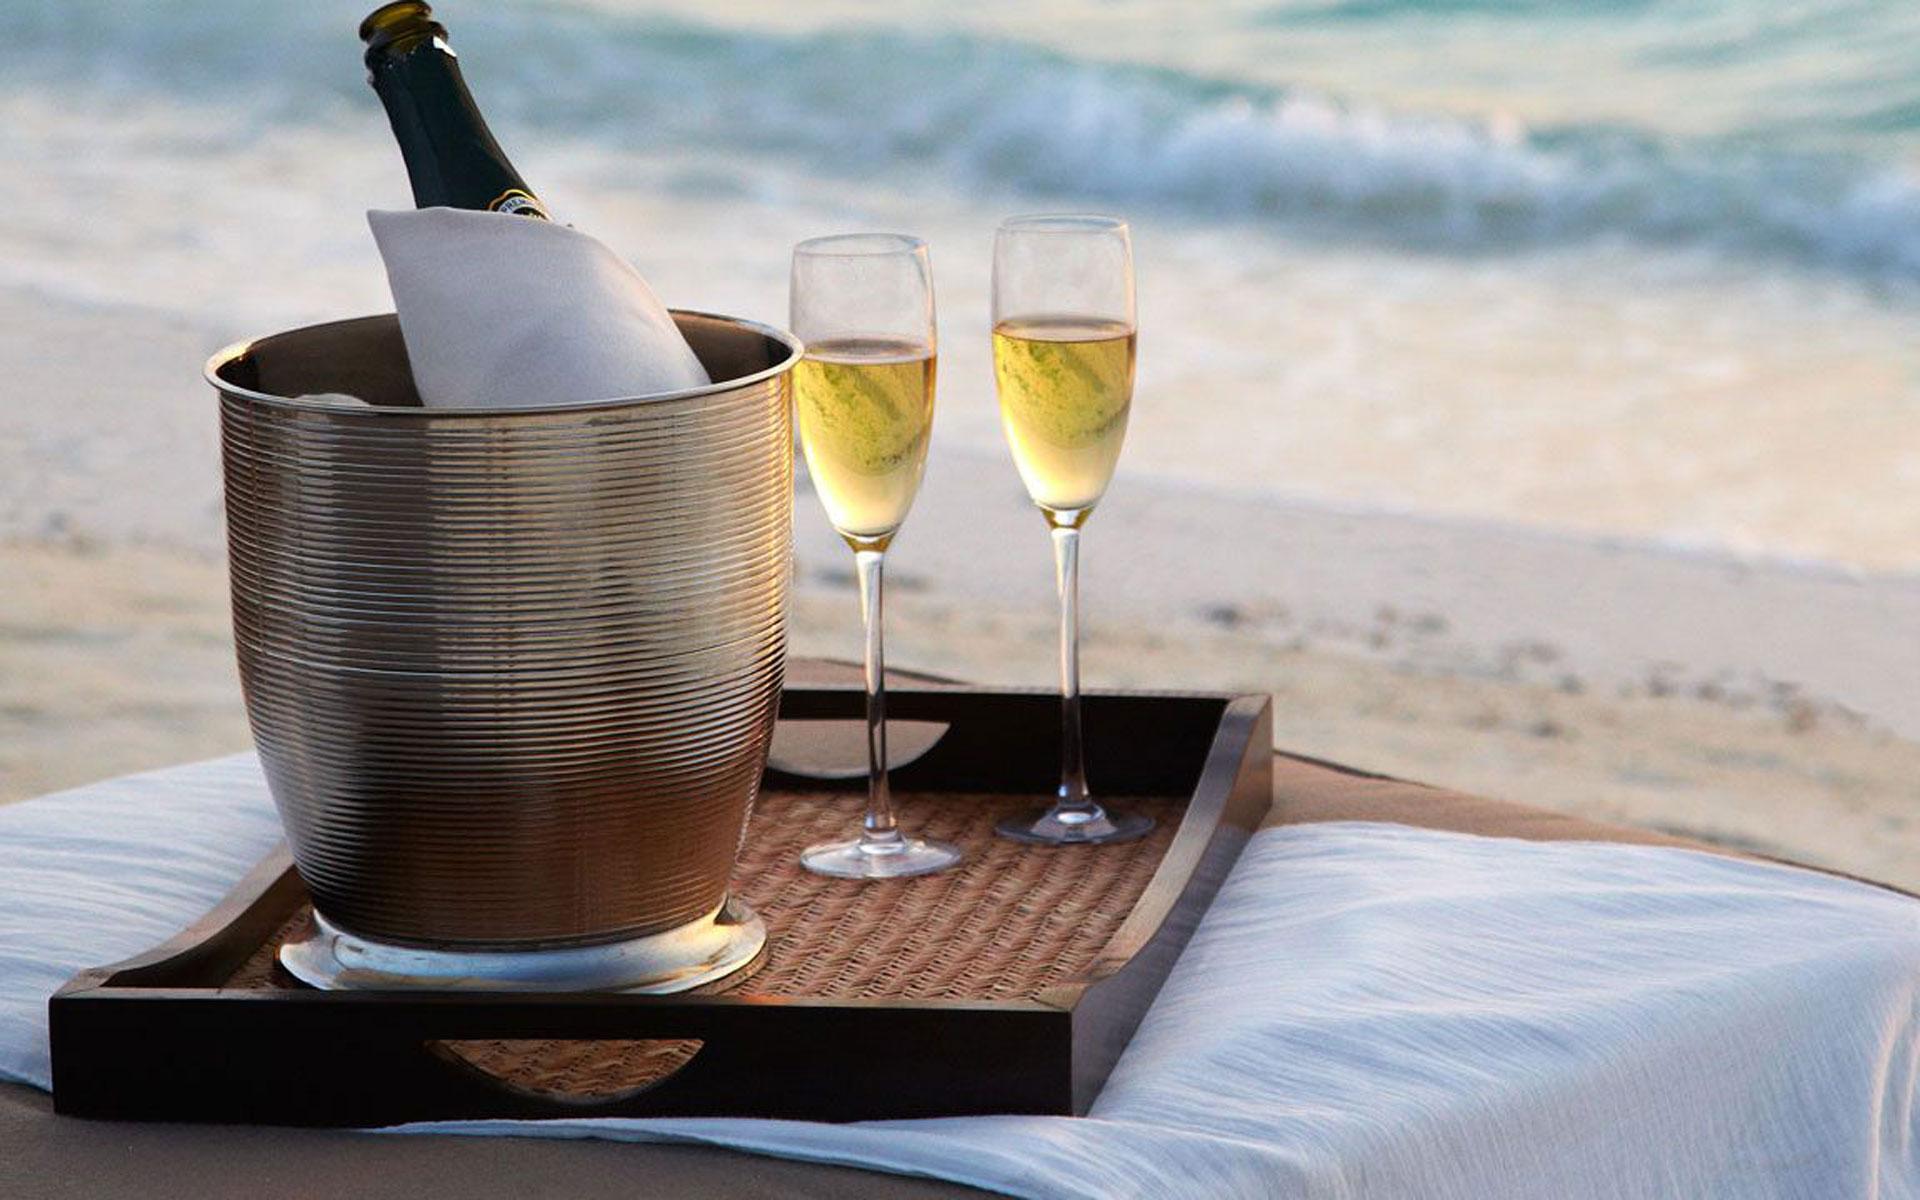 картинка яхта и шампанское имеет стильный